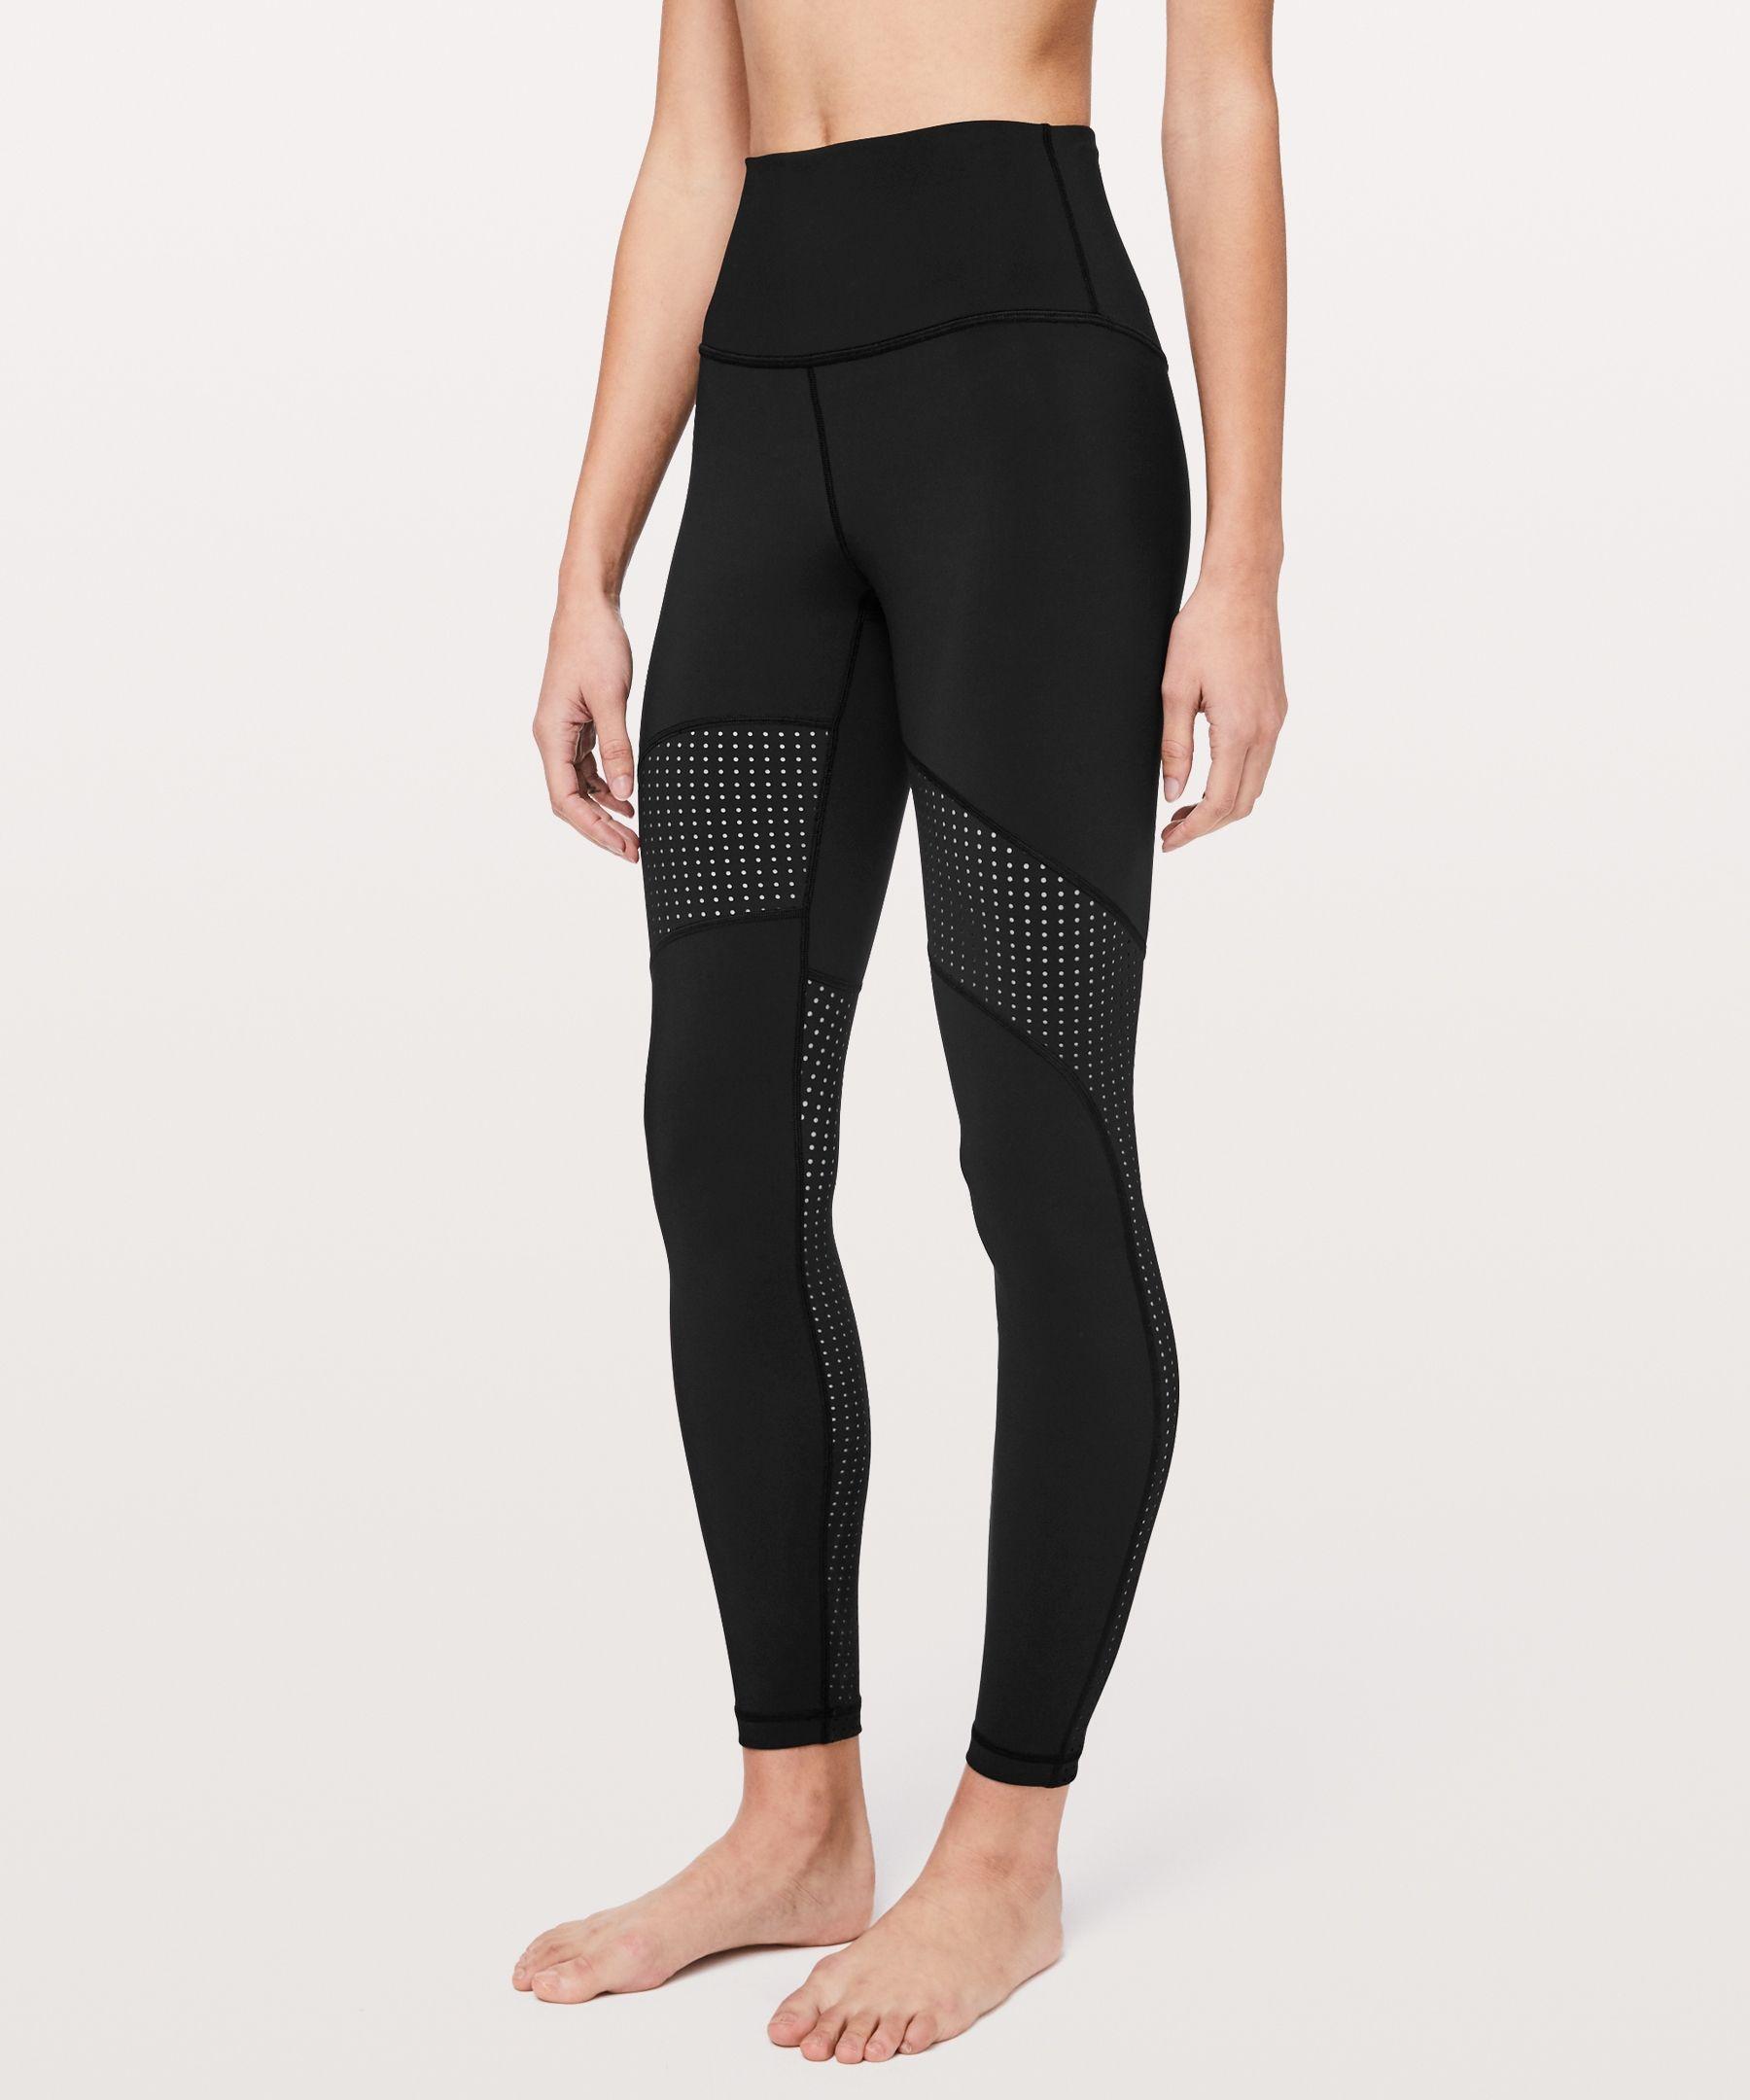 60e0618cc7 lululemon Women's Beach Break Paddle Legging, Black, Size 6 in 2019 ...